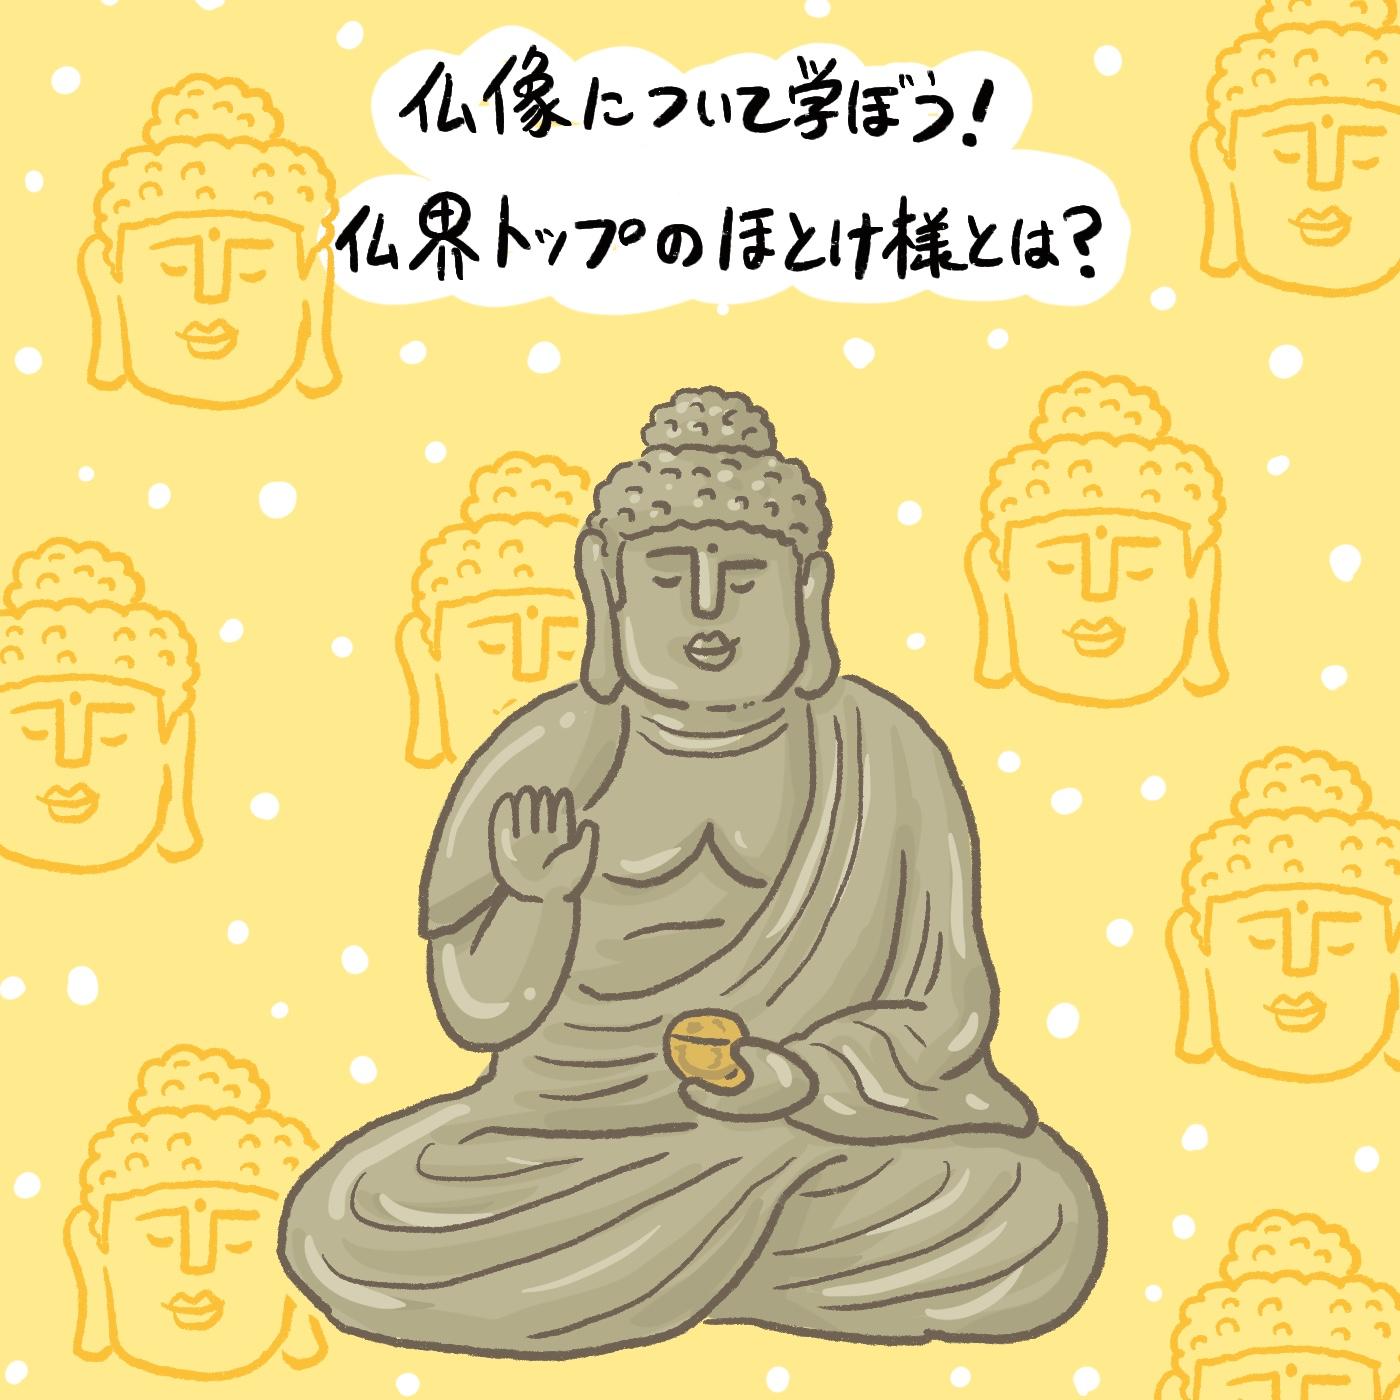 ナニソレ Q362 | OBIKAKE(おびかけ)